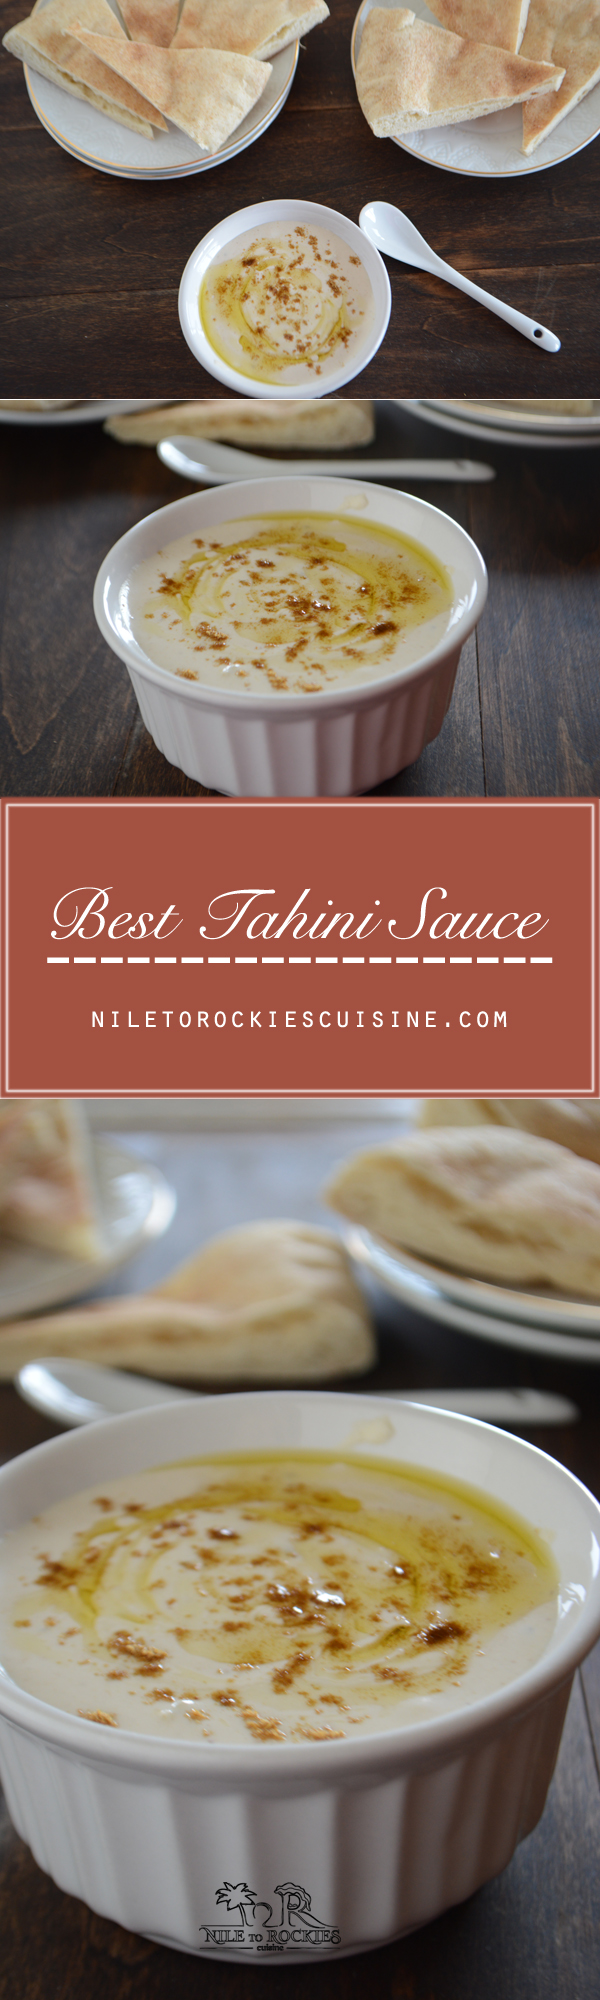 Falafel tahini sauce